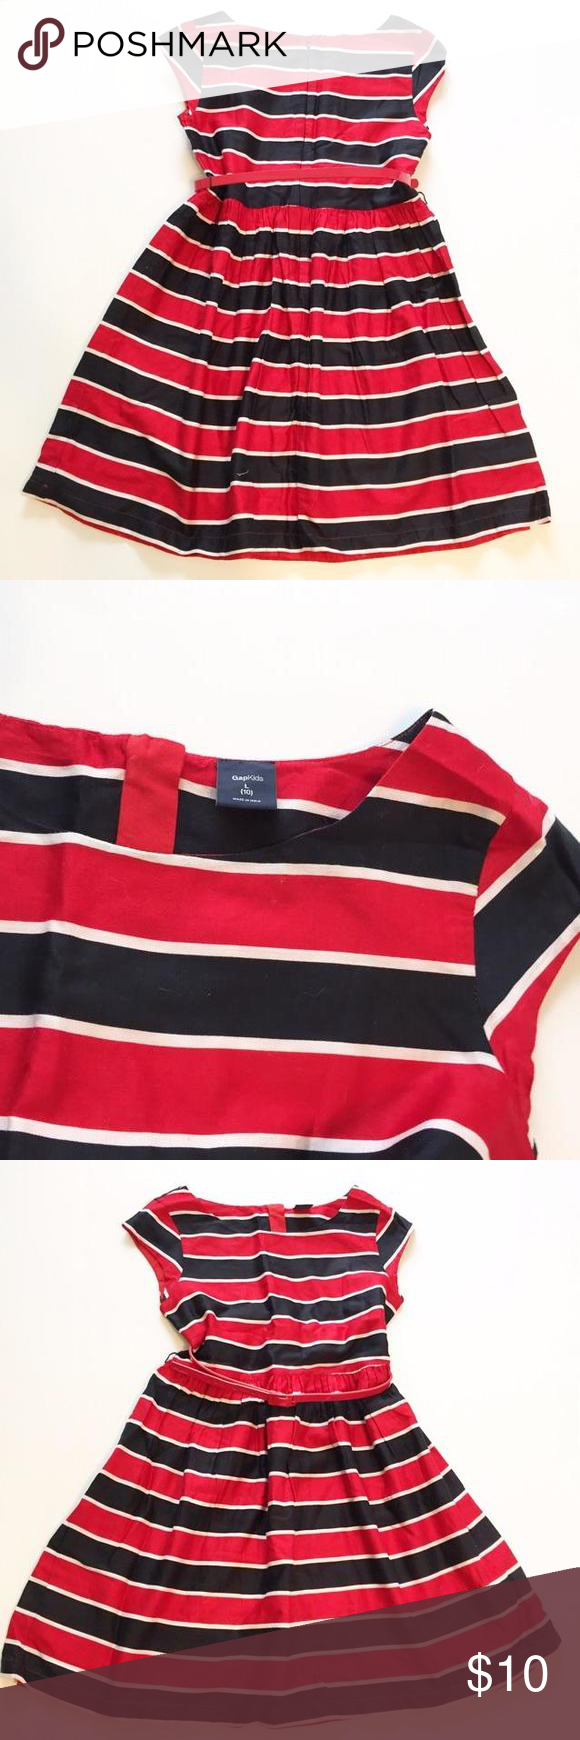 Gap black u red striped dress sz gap kids black u red striped